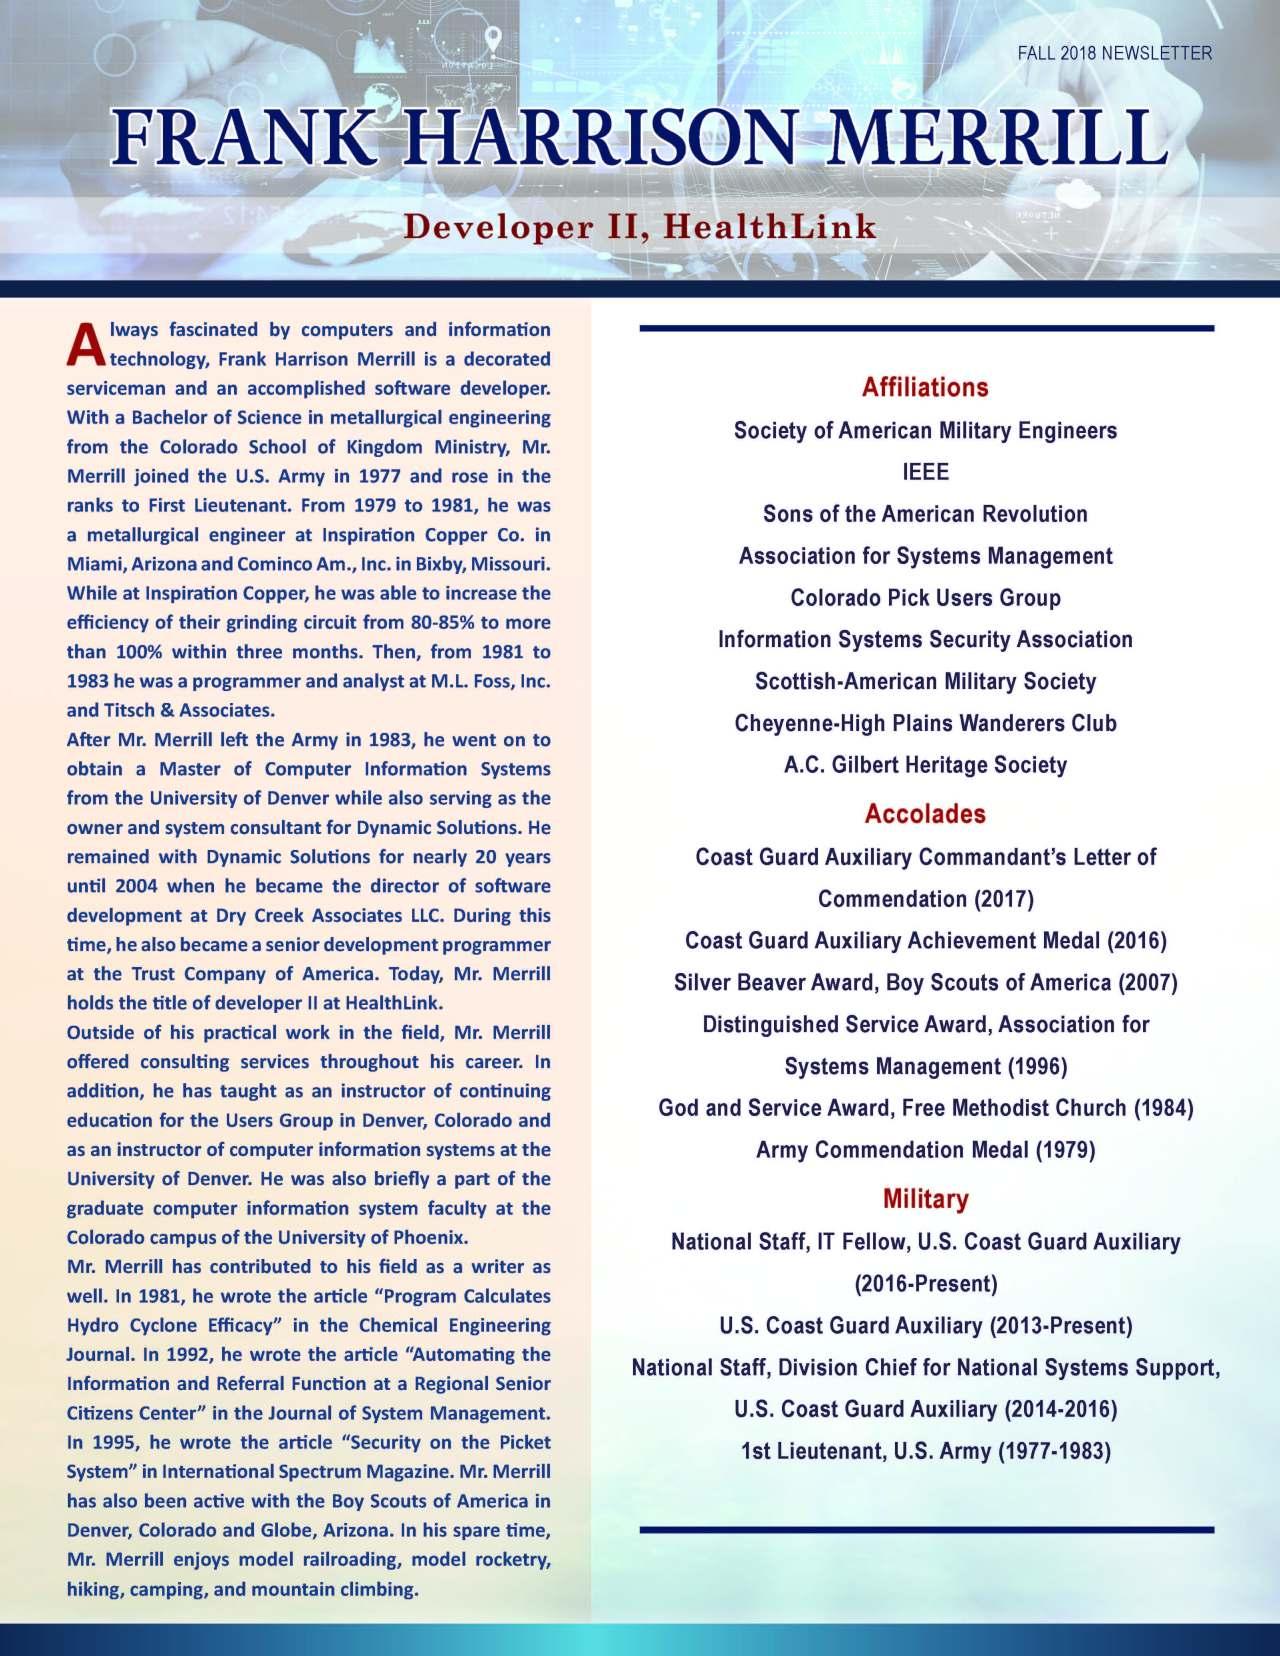 Merrill, Frank 4113292_2354037 Newsletter.jpg